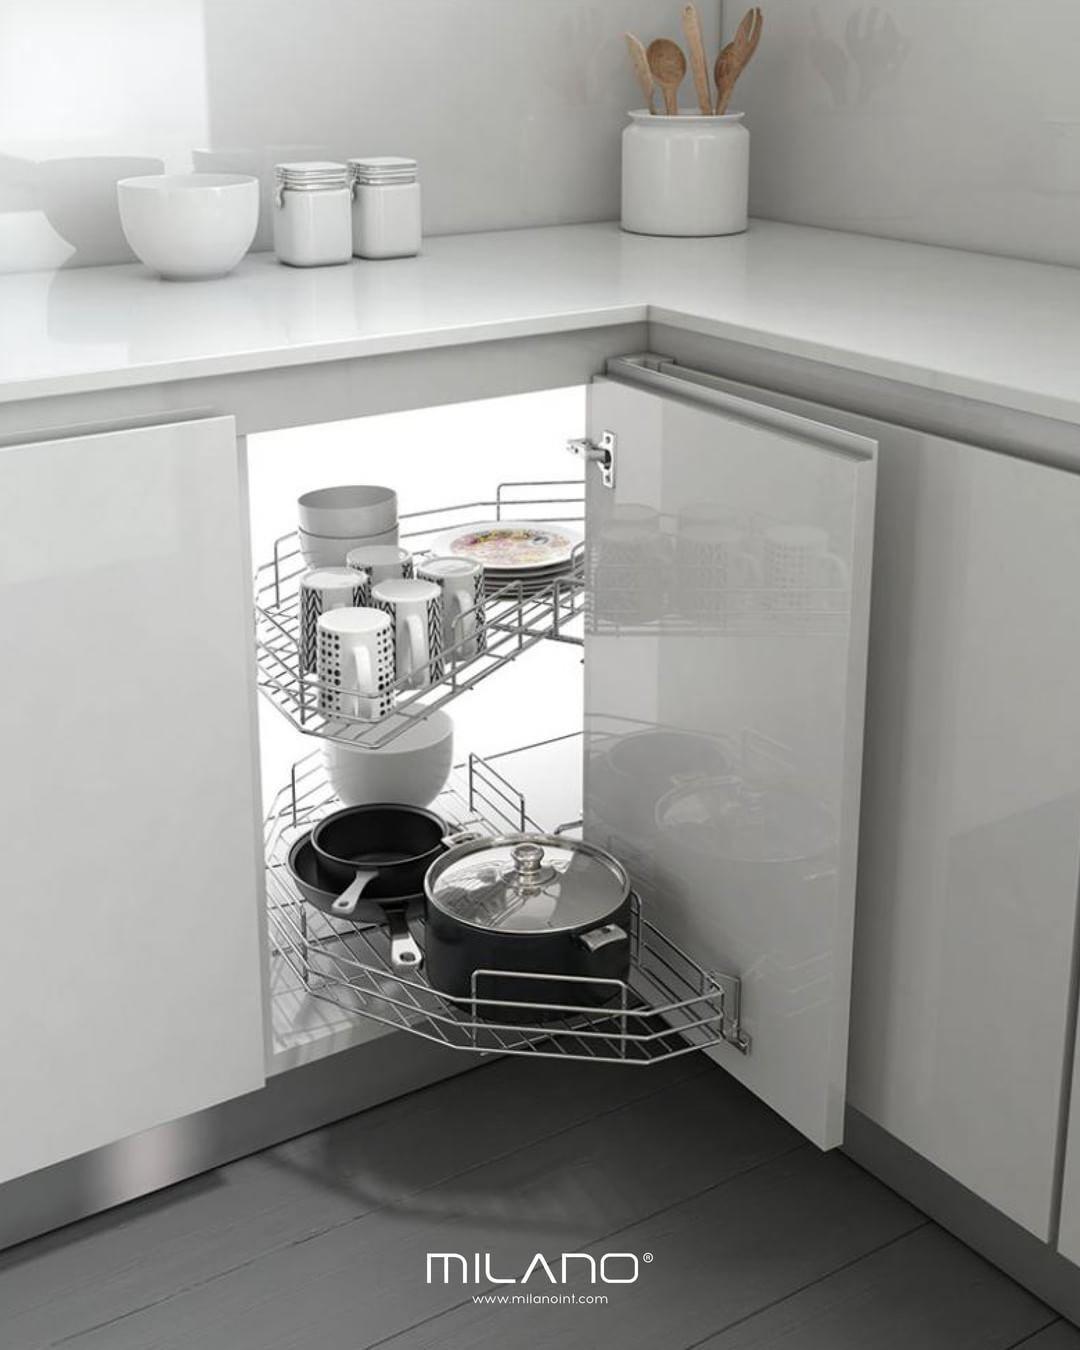 مطابخ ميلانو كونشيتو On Instagram إكسسوارات عملية وفعالة من ميلانو مكملة لفخامة أثاثكم العصري Kitchen Room Design Home Appliances Living Room Decor